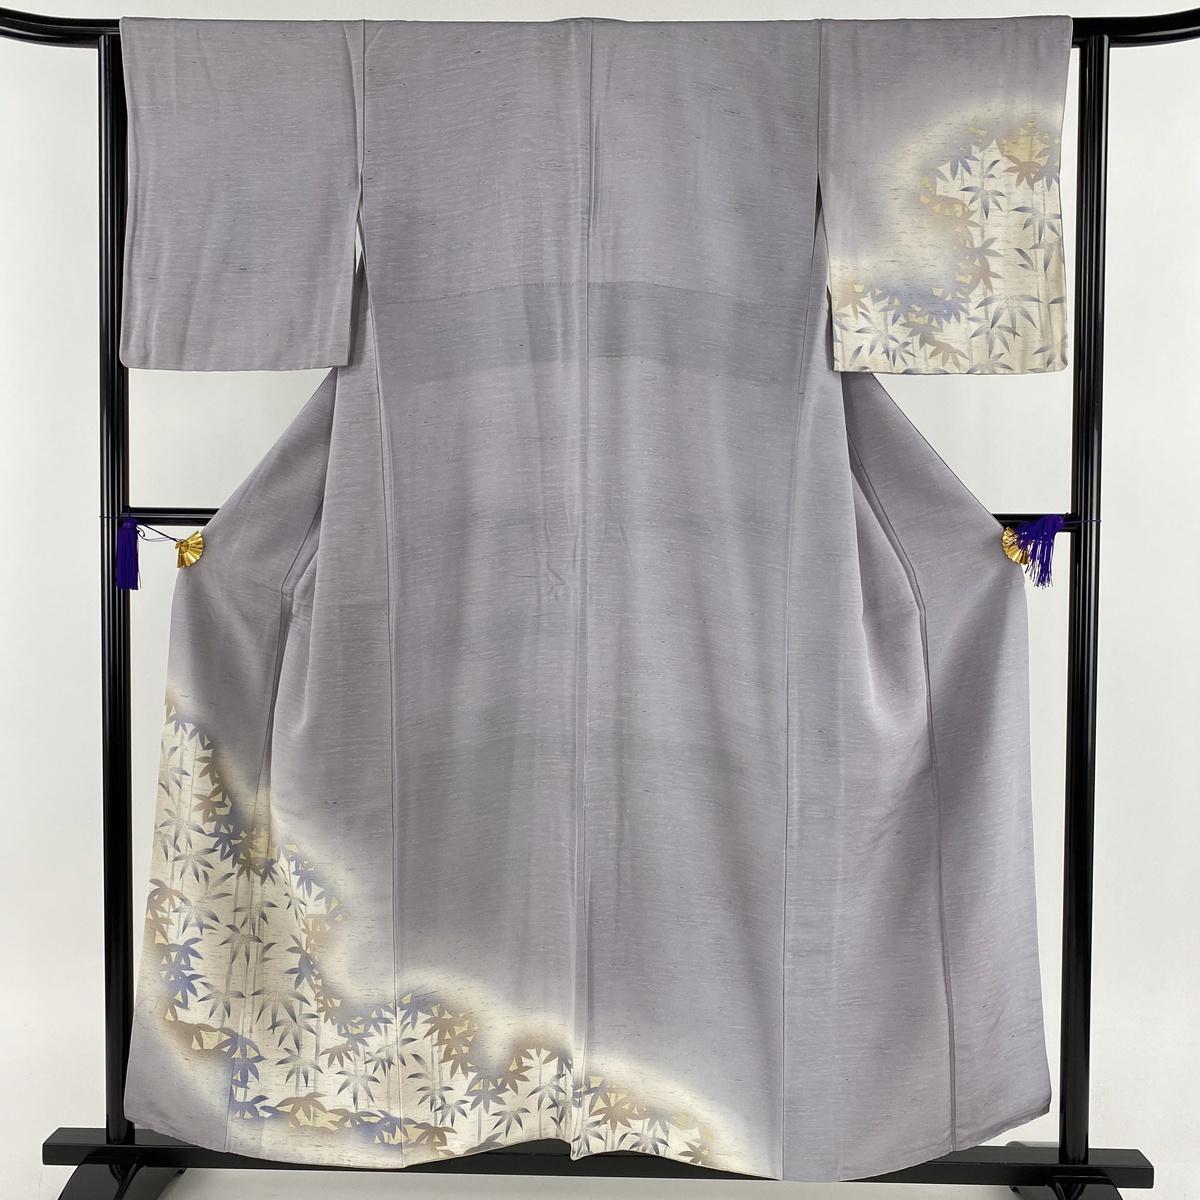 付下げ 名品 ぜんまい紬地 竹 ぼかし 薄紫 袷 身丈153cm 裄丈65cm M 正絹 【中古】